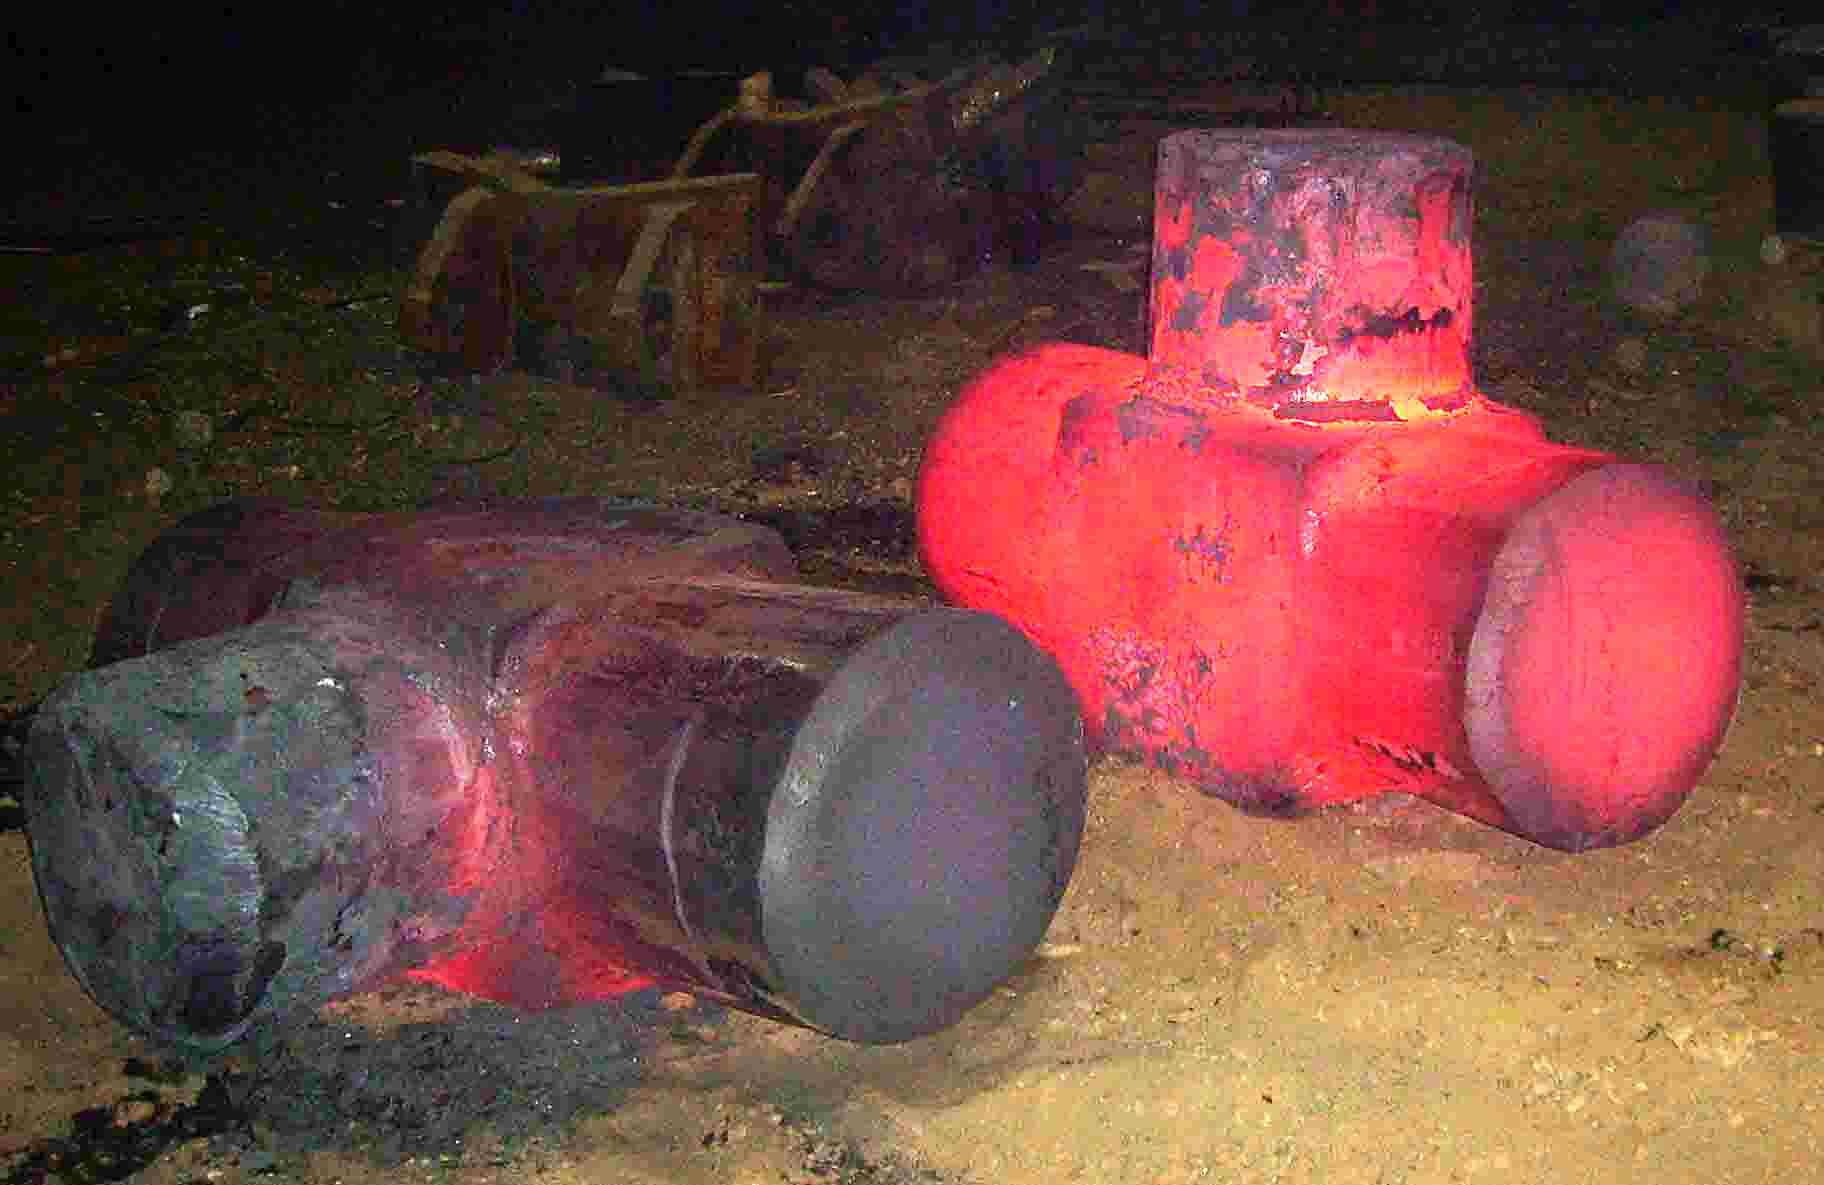 valve body